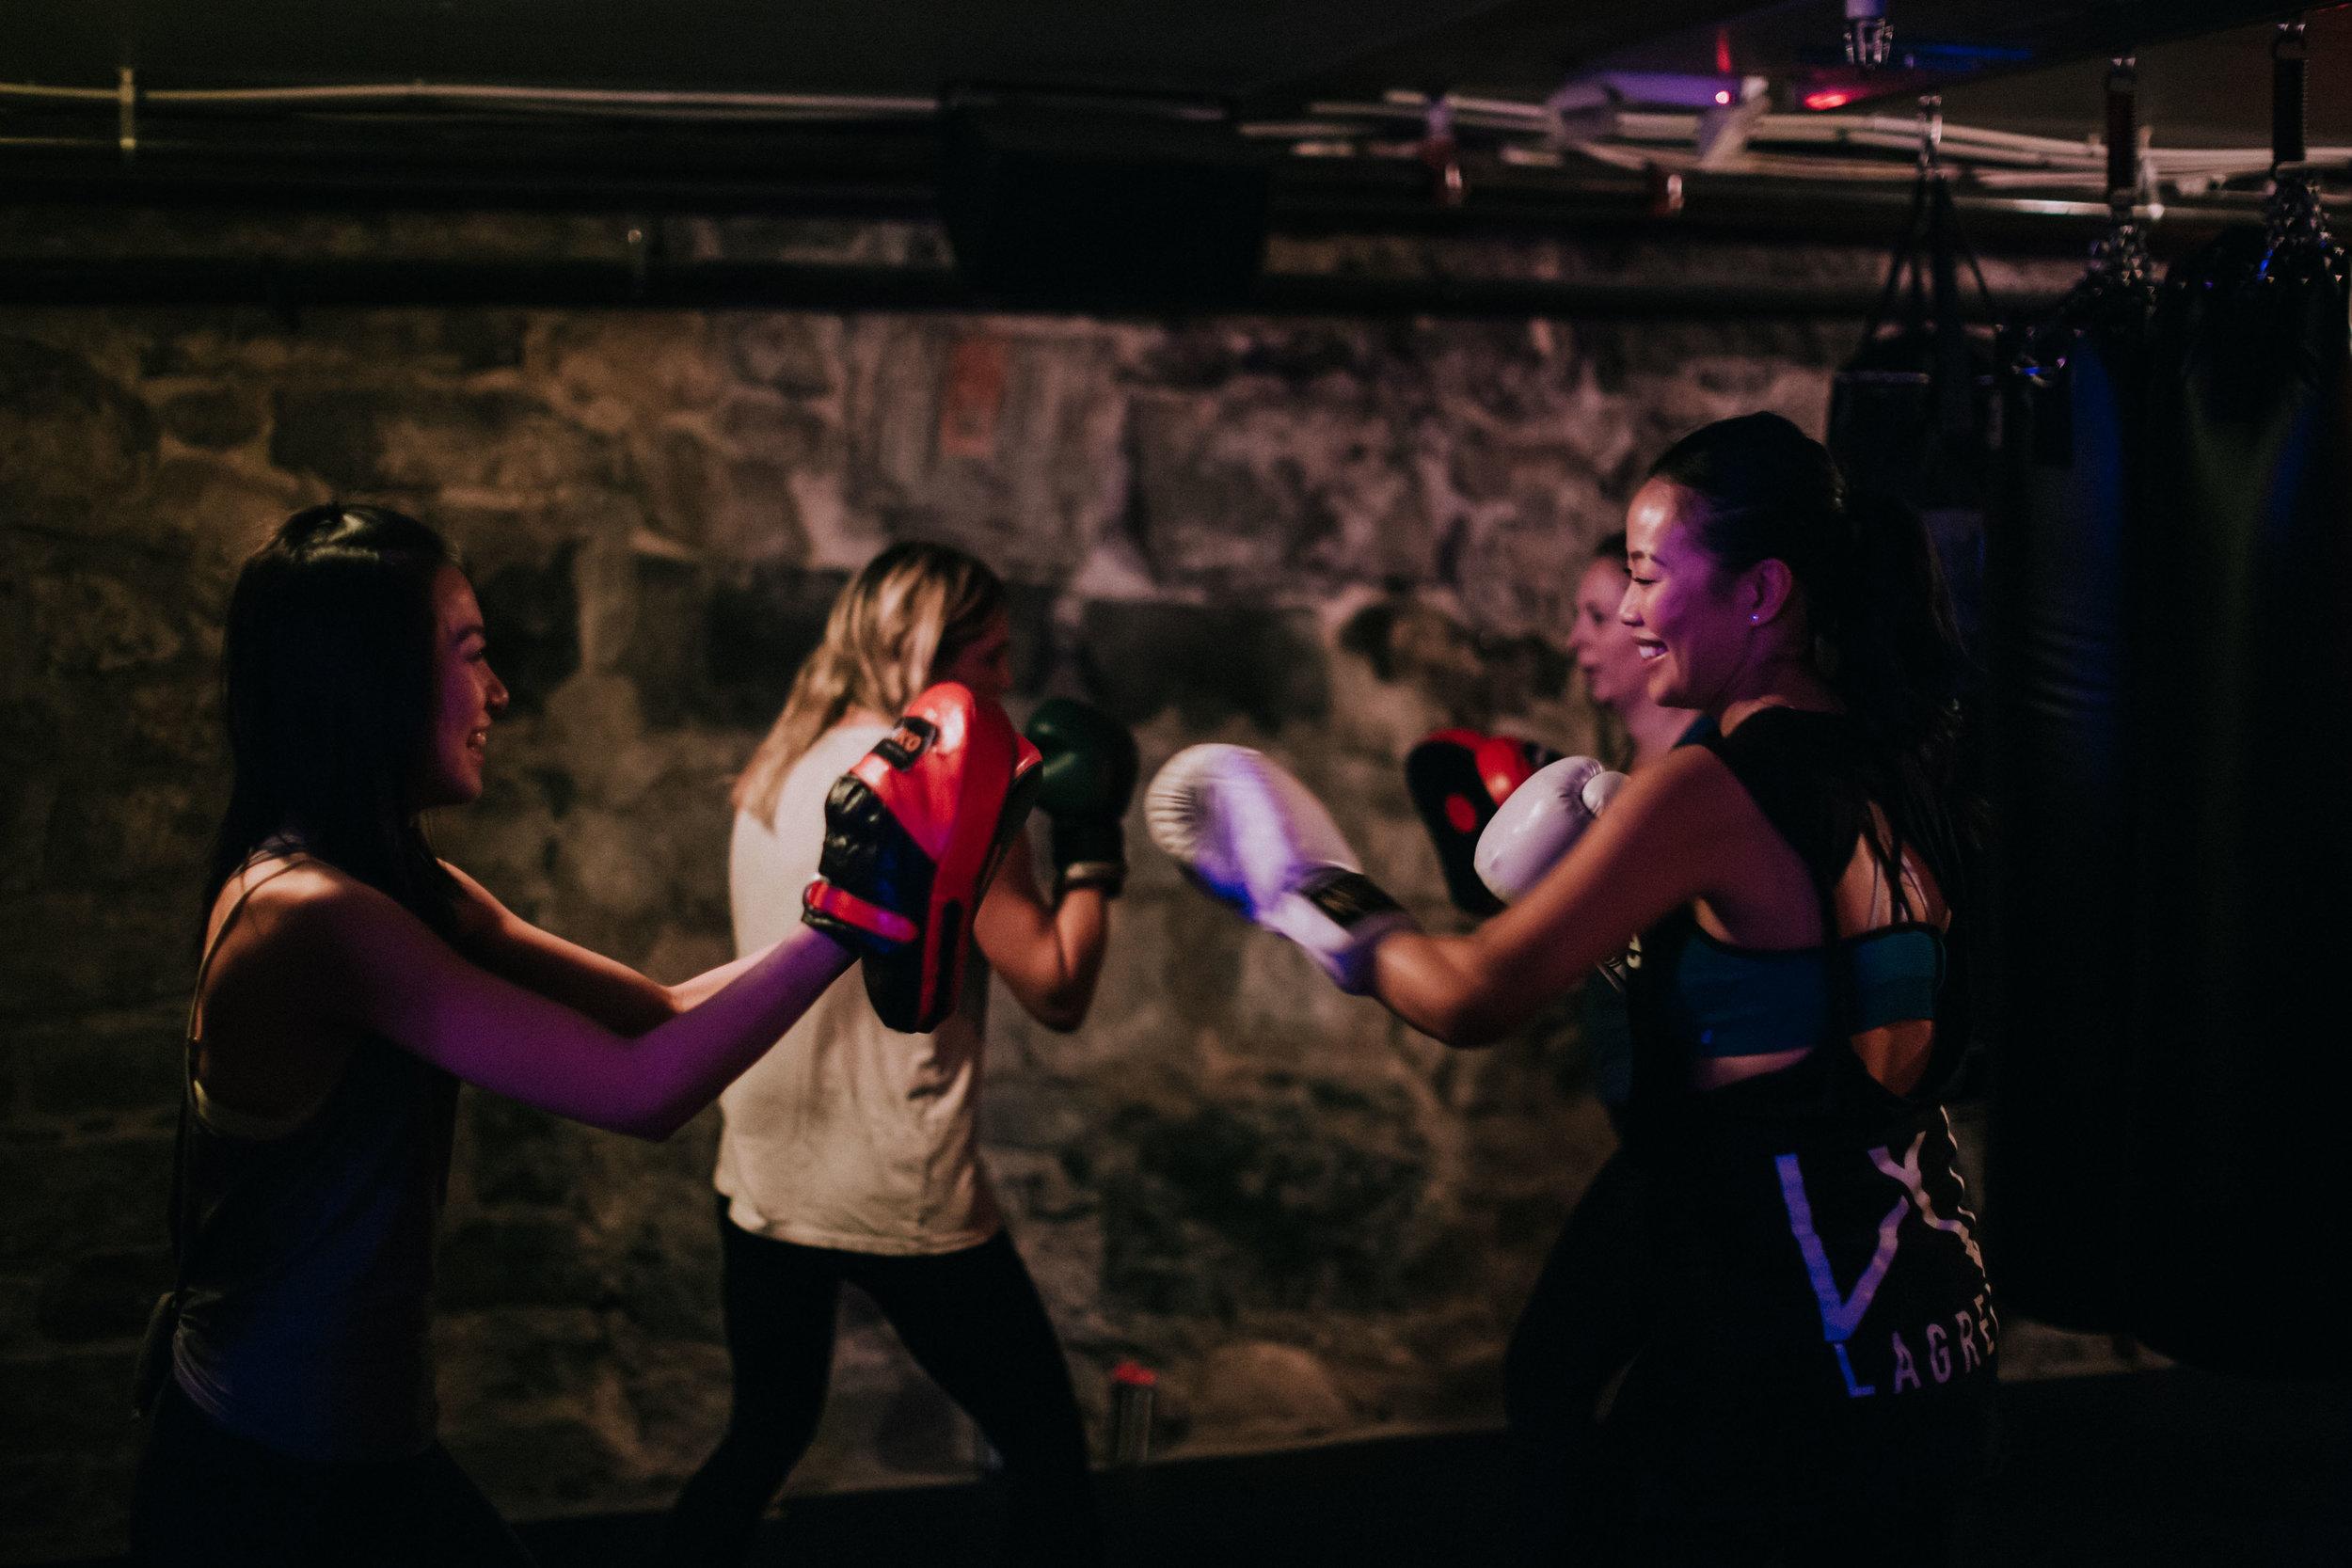 boxing-72-JHO_6251.jpg